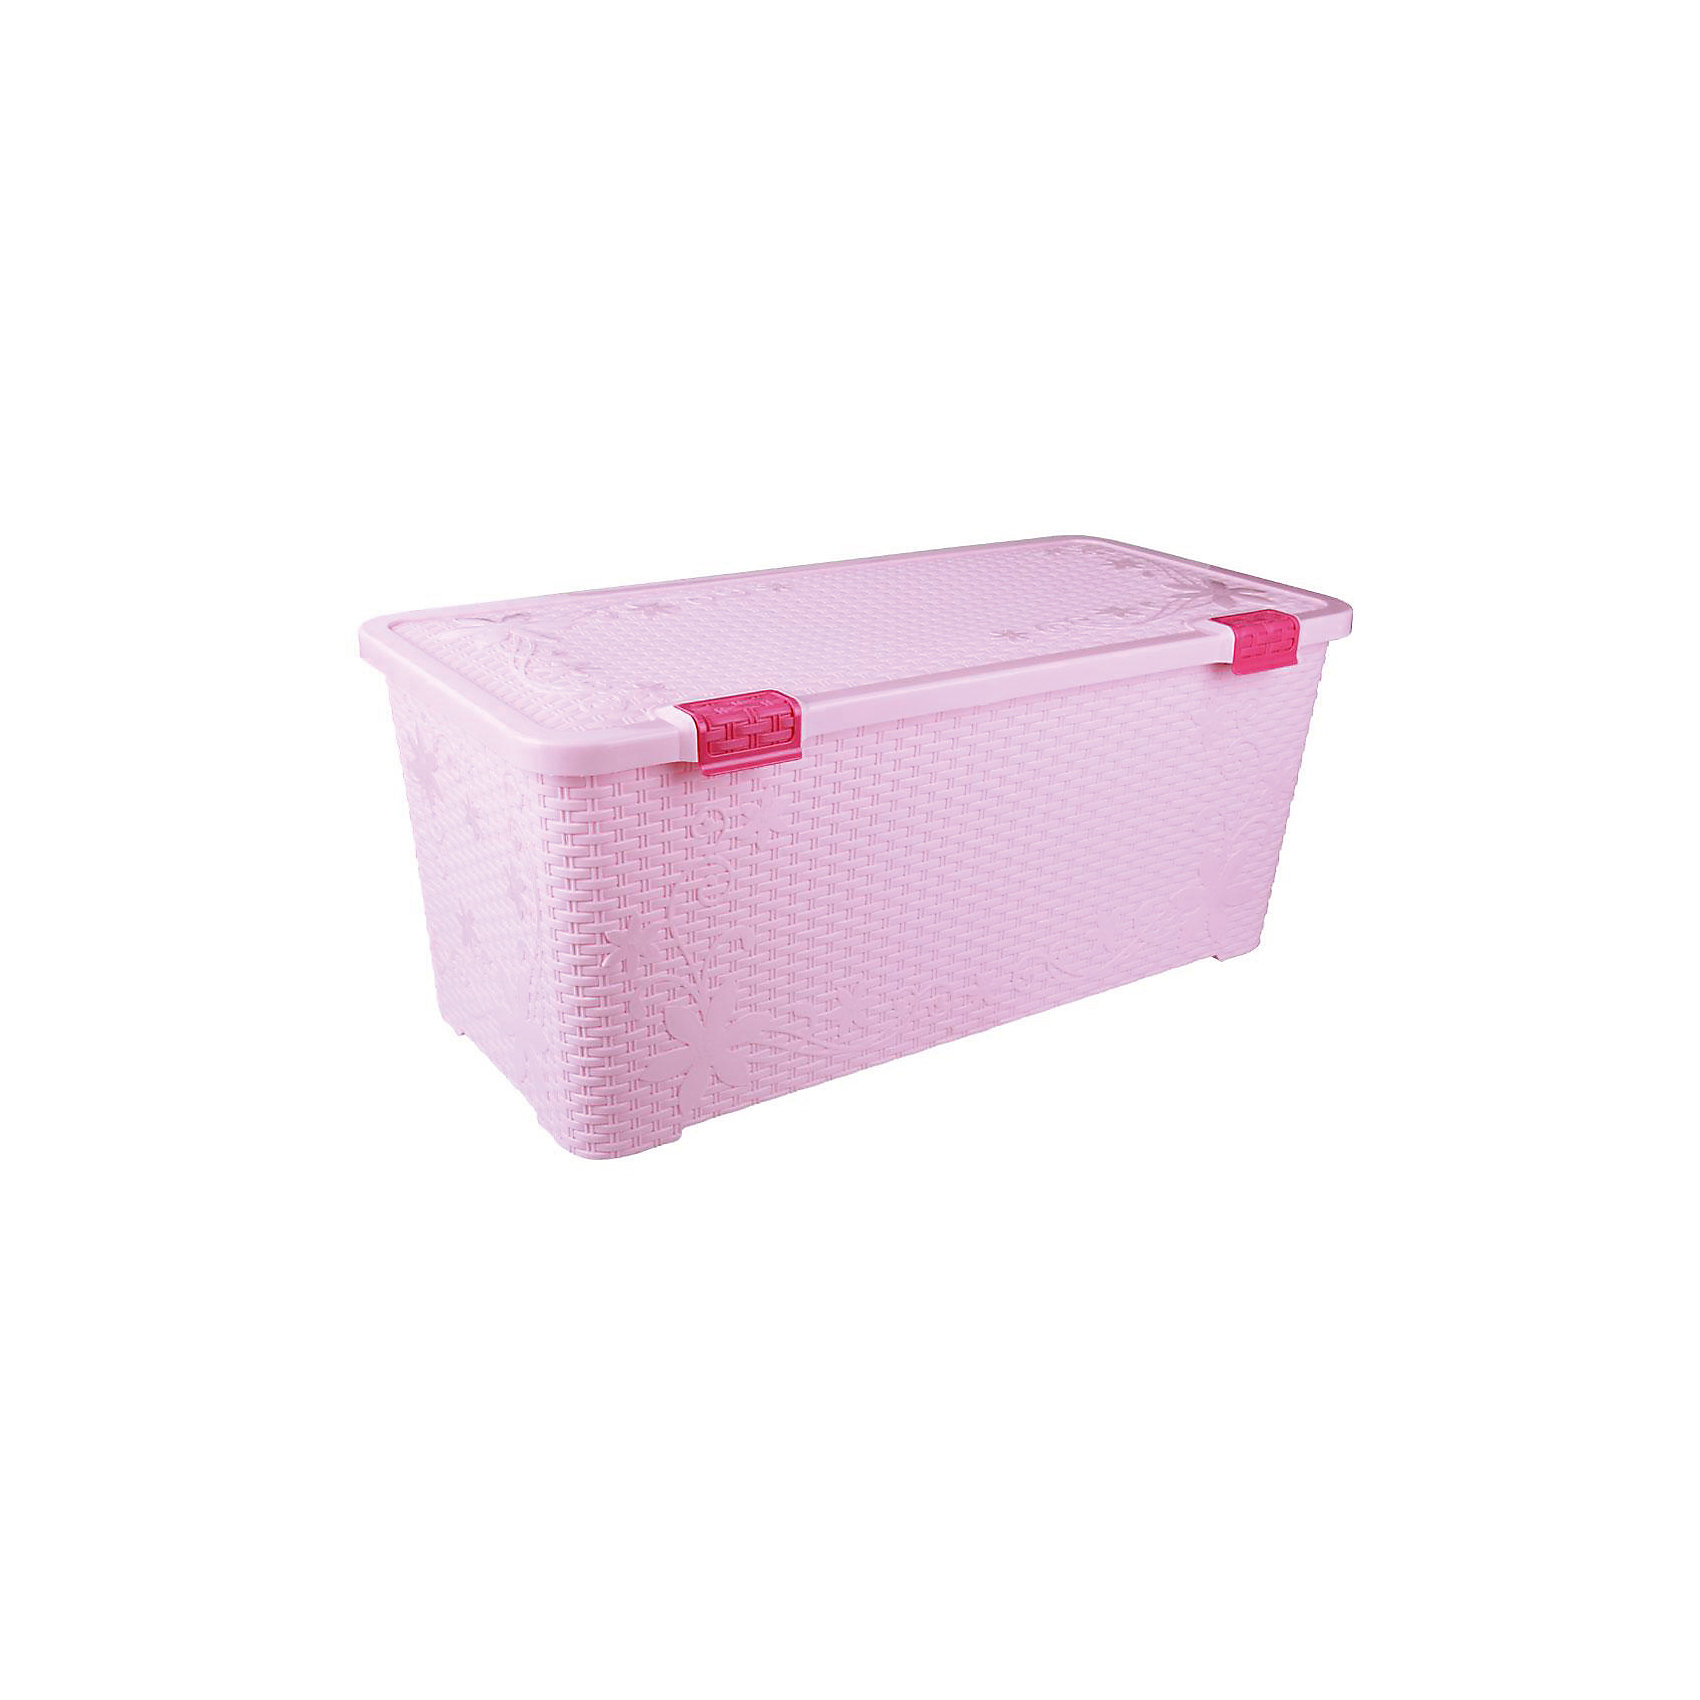 Контейнер Плетёнка 100л. с крышкой, Alternativa, розовыйПорядок в детской<br>Характеристики:<br><br>• Предназначение: для хранения игрушек, для хозяйственных нужд<br>• Цвет: зима<br>• Материал: пластик<br>• Цвет: розовый<br>• Размер (Д*Ш*В): 86*41,5*37 см<br>• Вместимость (объем): 100 л<br>• Форма: прямоугольный<br>• Наличие крышки <br>• Особенности ухода: разрешается мыть теплой водой<br><br>Контейнер Плетёнка 100 л. с крышкой, Alternativa, розовый изготовлен отечественным производителем ООО ЗПИ Альтернатива, который специализируется на выпуске широкого спектра изделий из пластика. <br>Контейнер выполнен из экологически безопасного пластика, устойчивого к механическим повреждениям, корпус оформлен имитацией плетенки, в комплекте имеется крышка. Изделие можно использовать как для хранения игрушек, так и для разных хозяйственных нужд. Контейнер Плетёнка 100 л. с крышкой, Alternativa, розовый вместительный, но при этом обладает легким весом.<br><br>Контейнер Плетёнка 100л. с крышкой, Alternativa, розовый можно купить в нашем интернет-магазине.<br><br>Ширина мм: 862<br>Глубина мм: 415<br>Высота мм: 370<br>Вес г: 3035<br>Возраст от месяцев: 6<br>Возраст до месяцев: 84<br>Пол: Женский<br>Возраст: Детский<br>SKU: 5096562